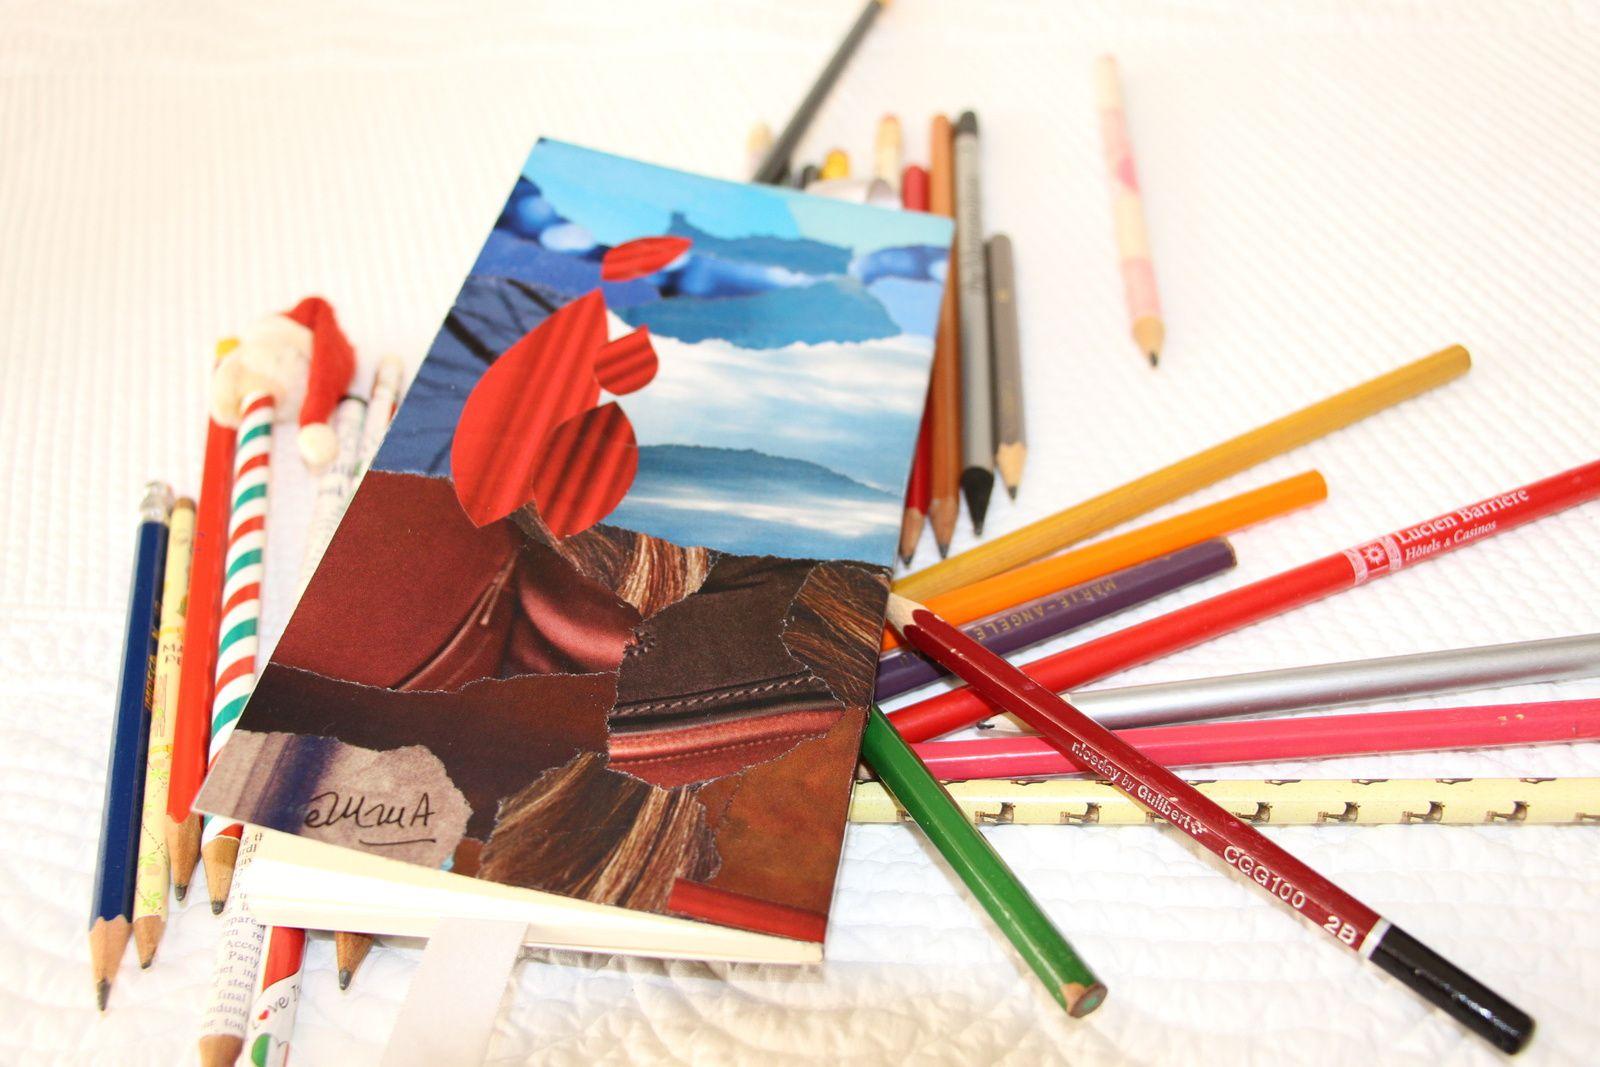 """Les Collages d'eMmA MessanA, collage sur le verso du carnet """"Le confident"""", pièce unique"""